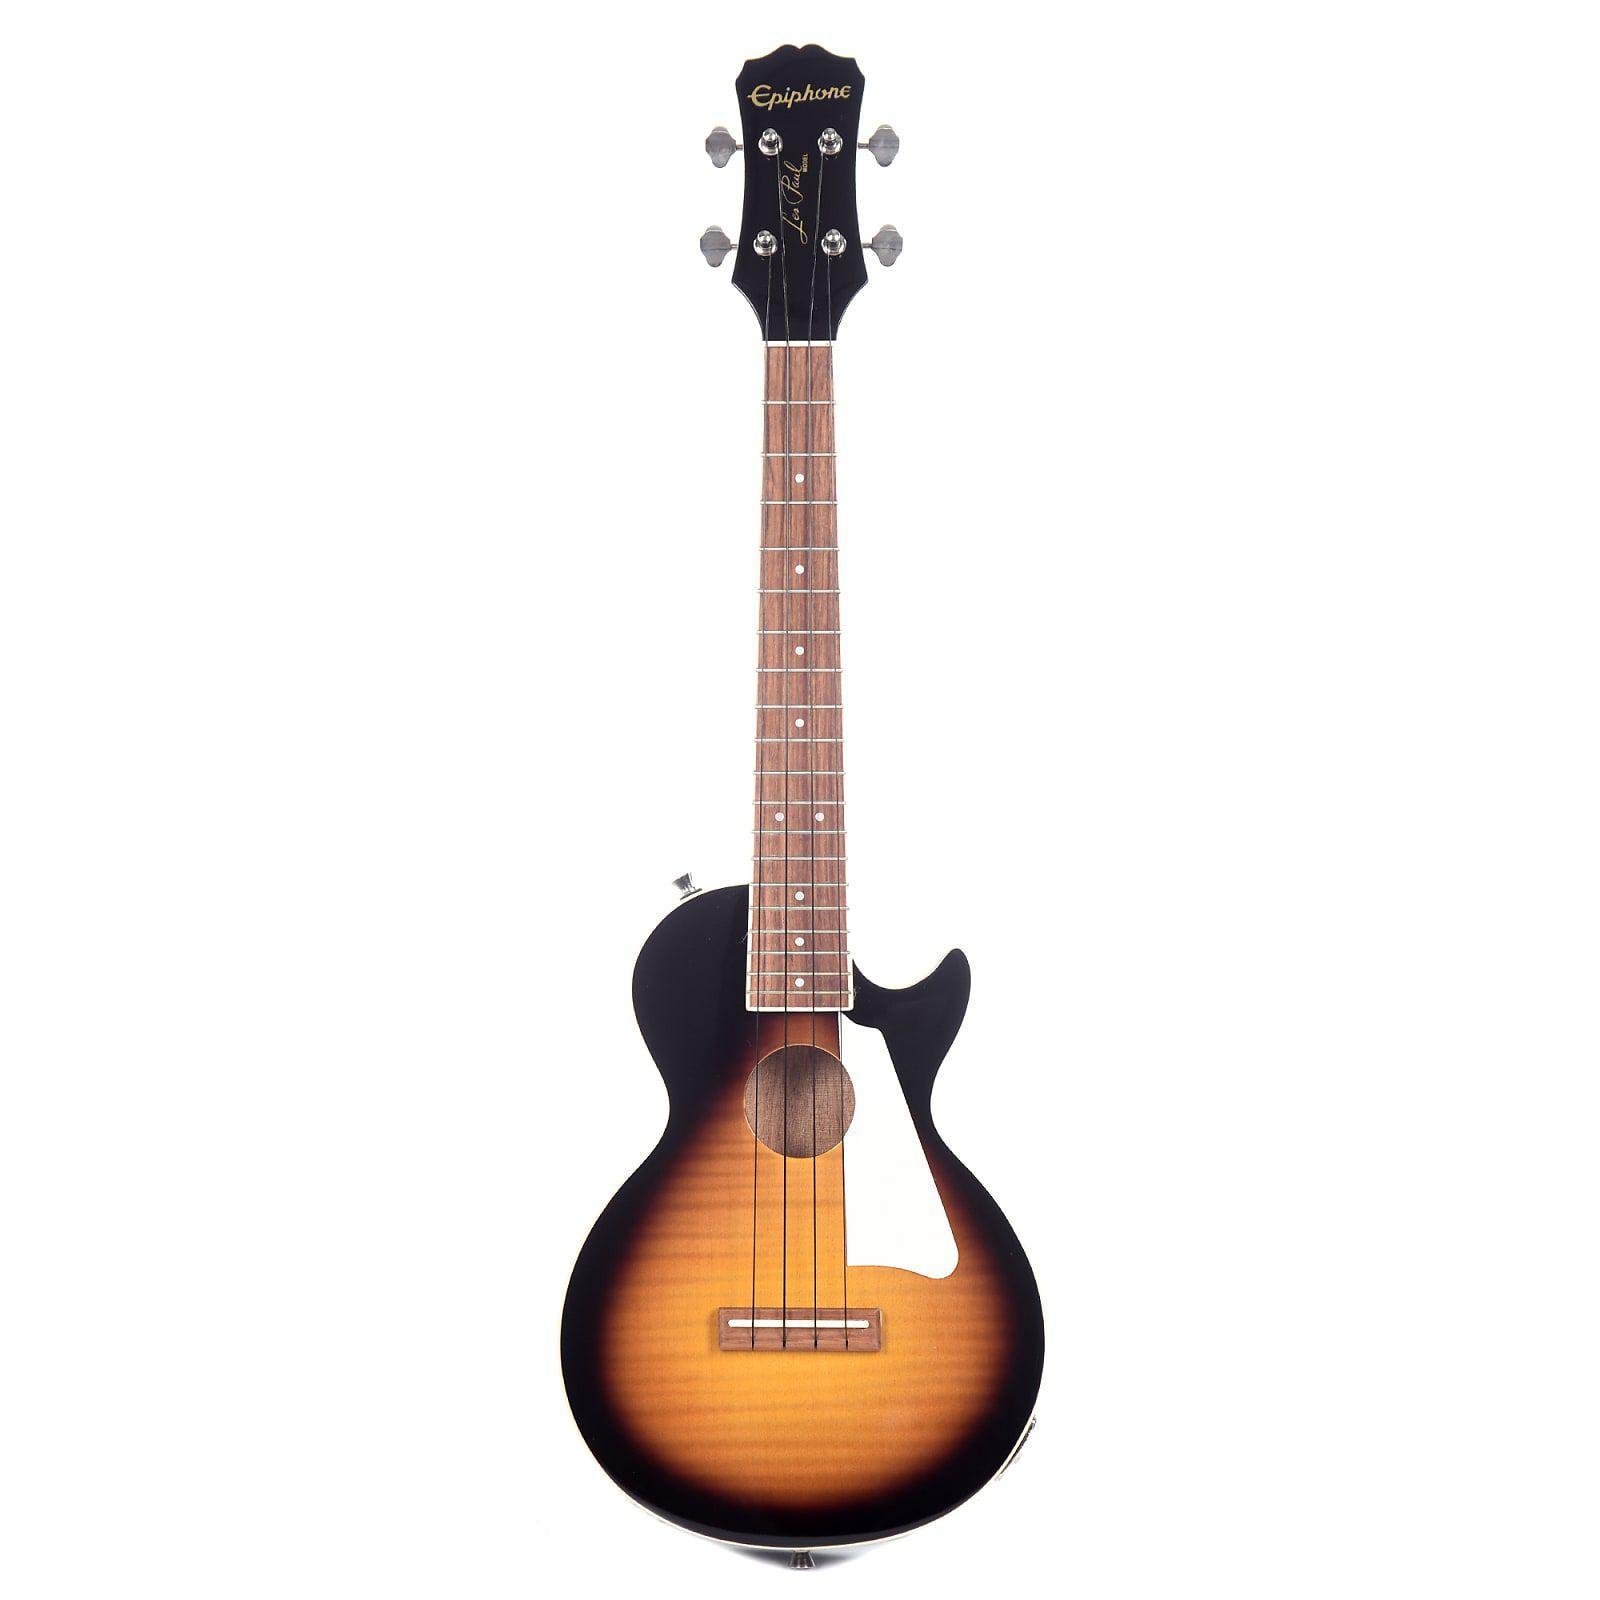 Ukulele Eletro-Acústico Epiphone Les Paul Concert Sunburst